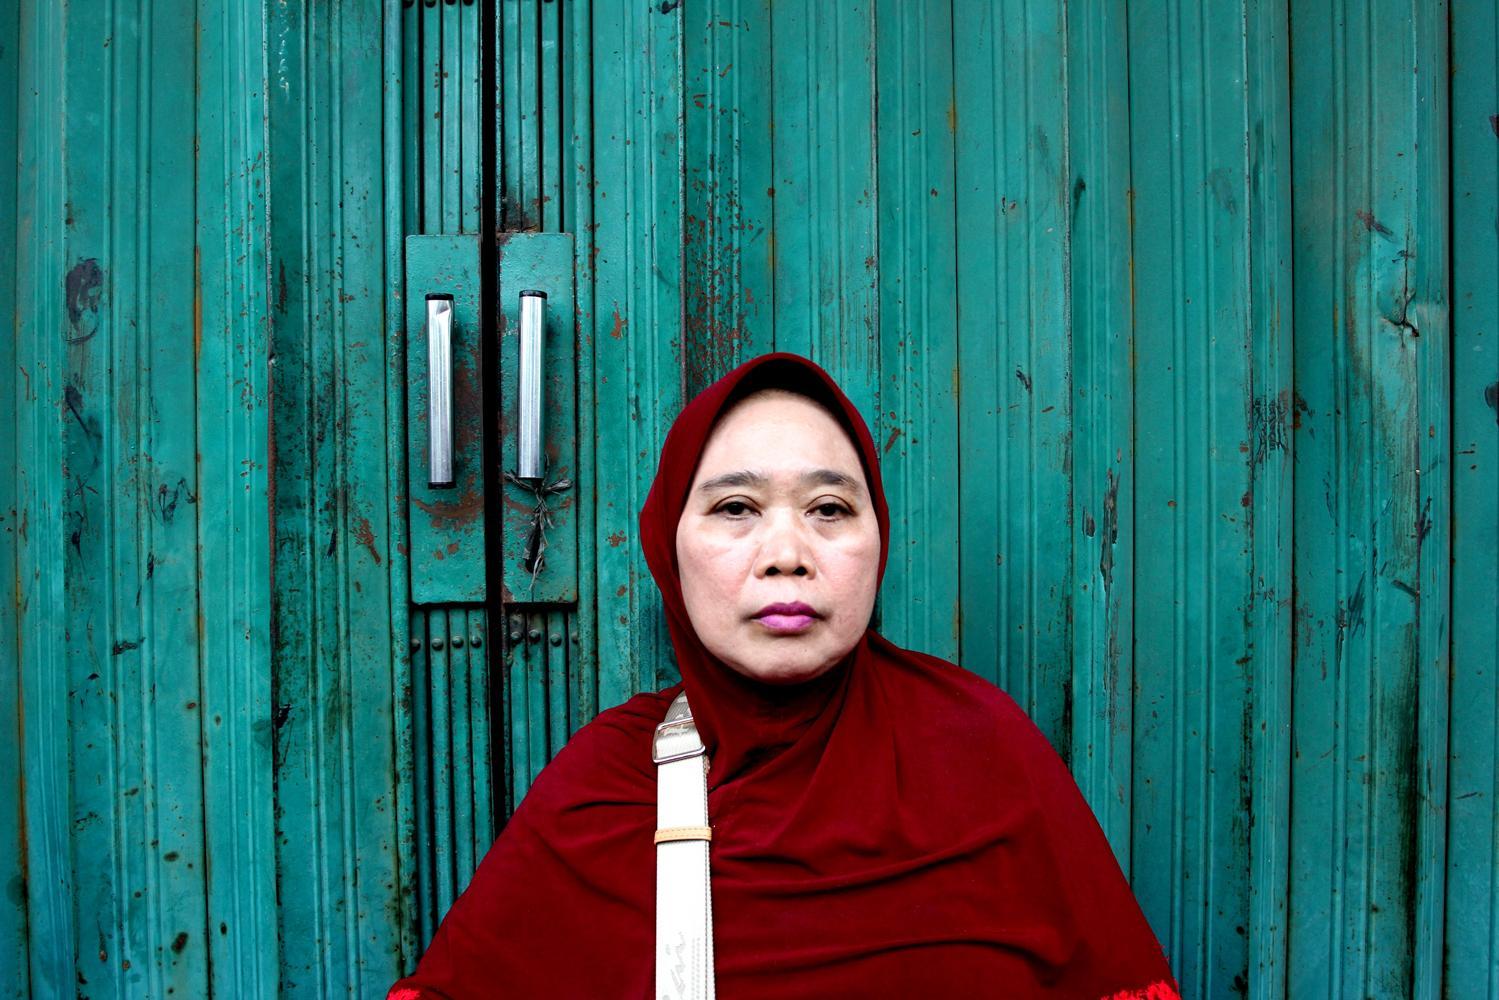 Wati (55) salah seorang warga yang bangunanannya terkena penataan ruang di kawasan Kalijodo, Jakarta, Senin (29/2). Wati telah menempati kawasan Kalijodo sejak tahun 1976 dan hidup dengan berdagang dikawasan tersebut.